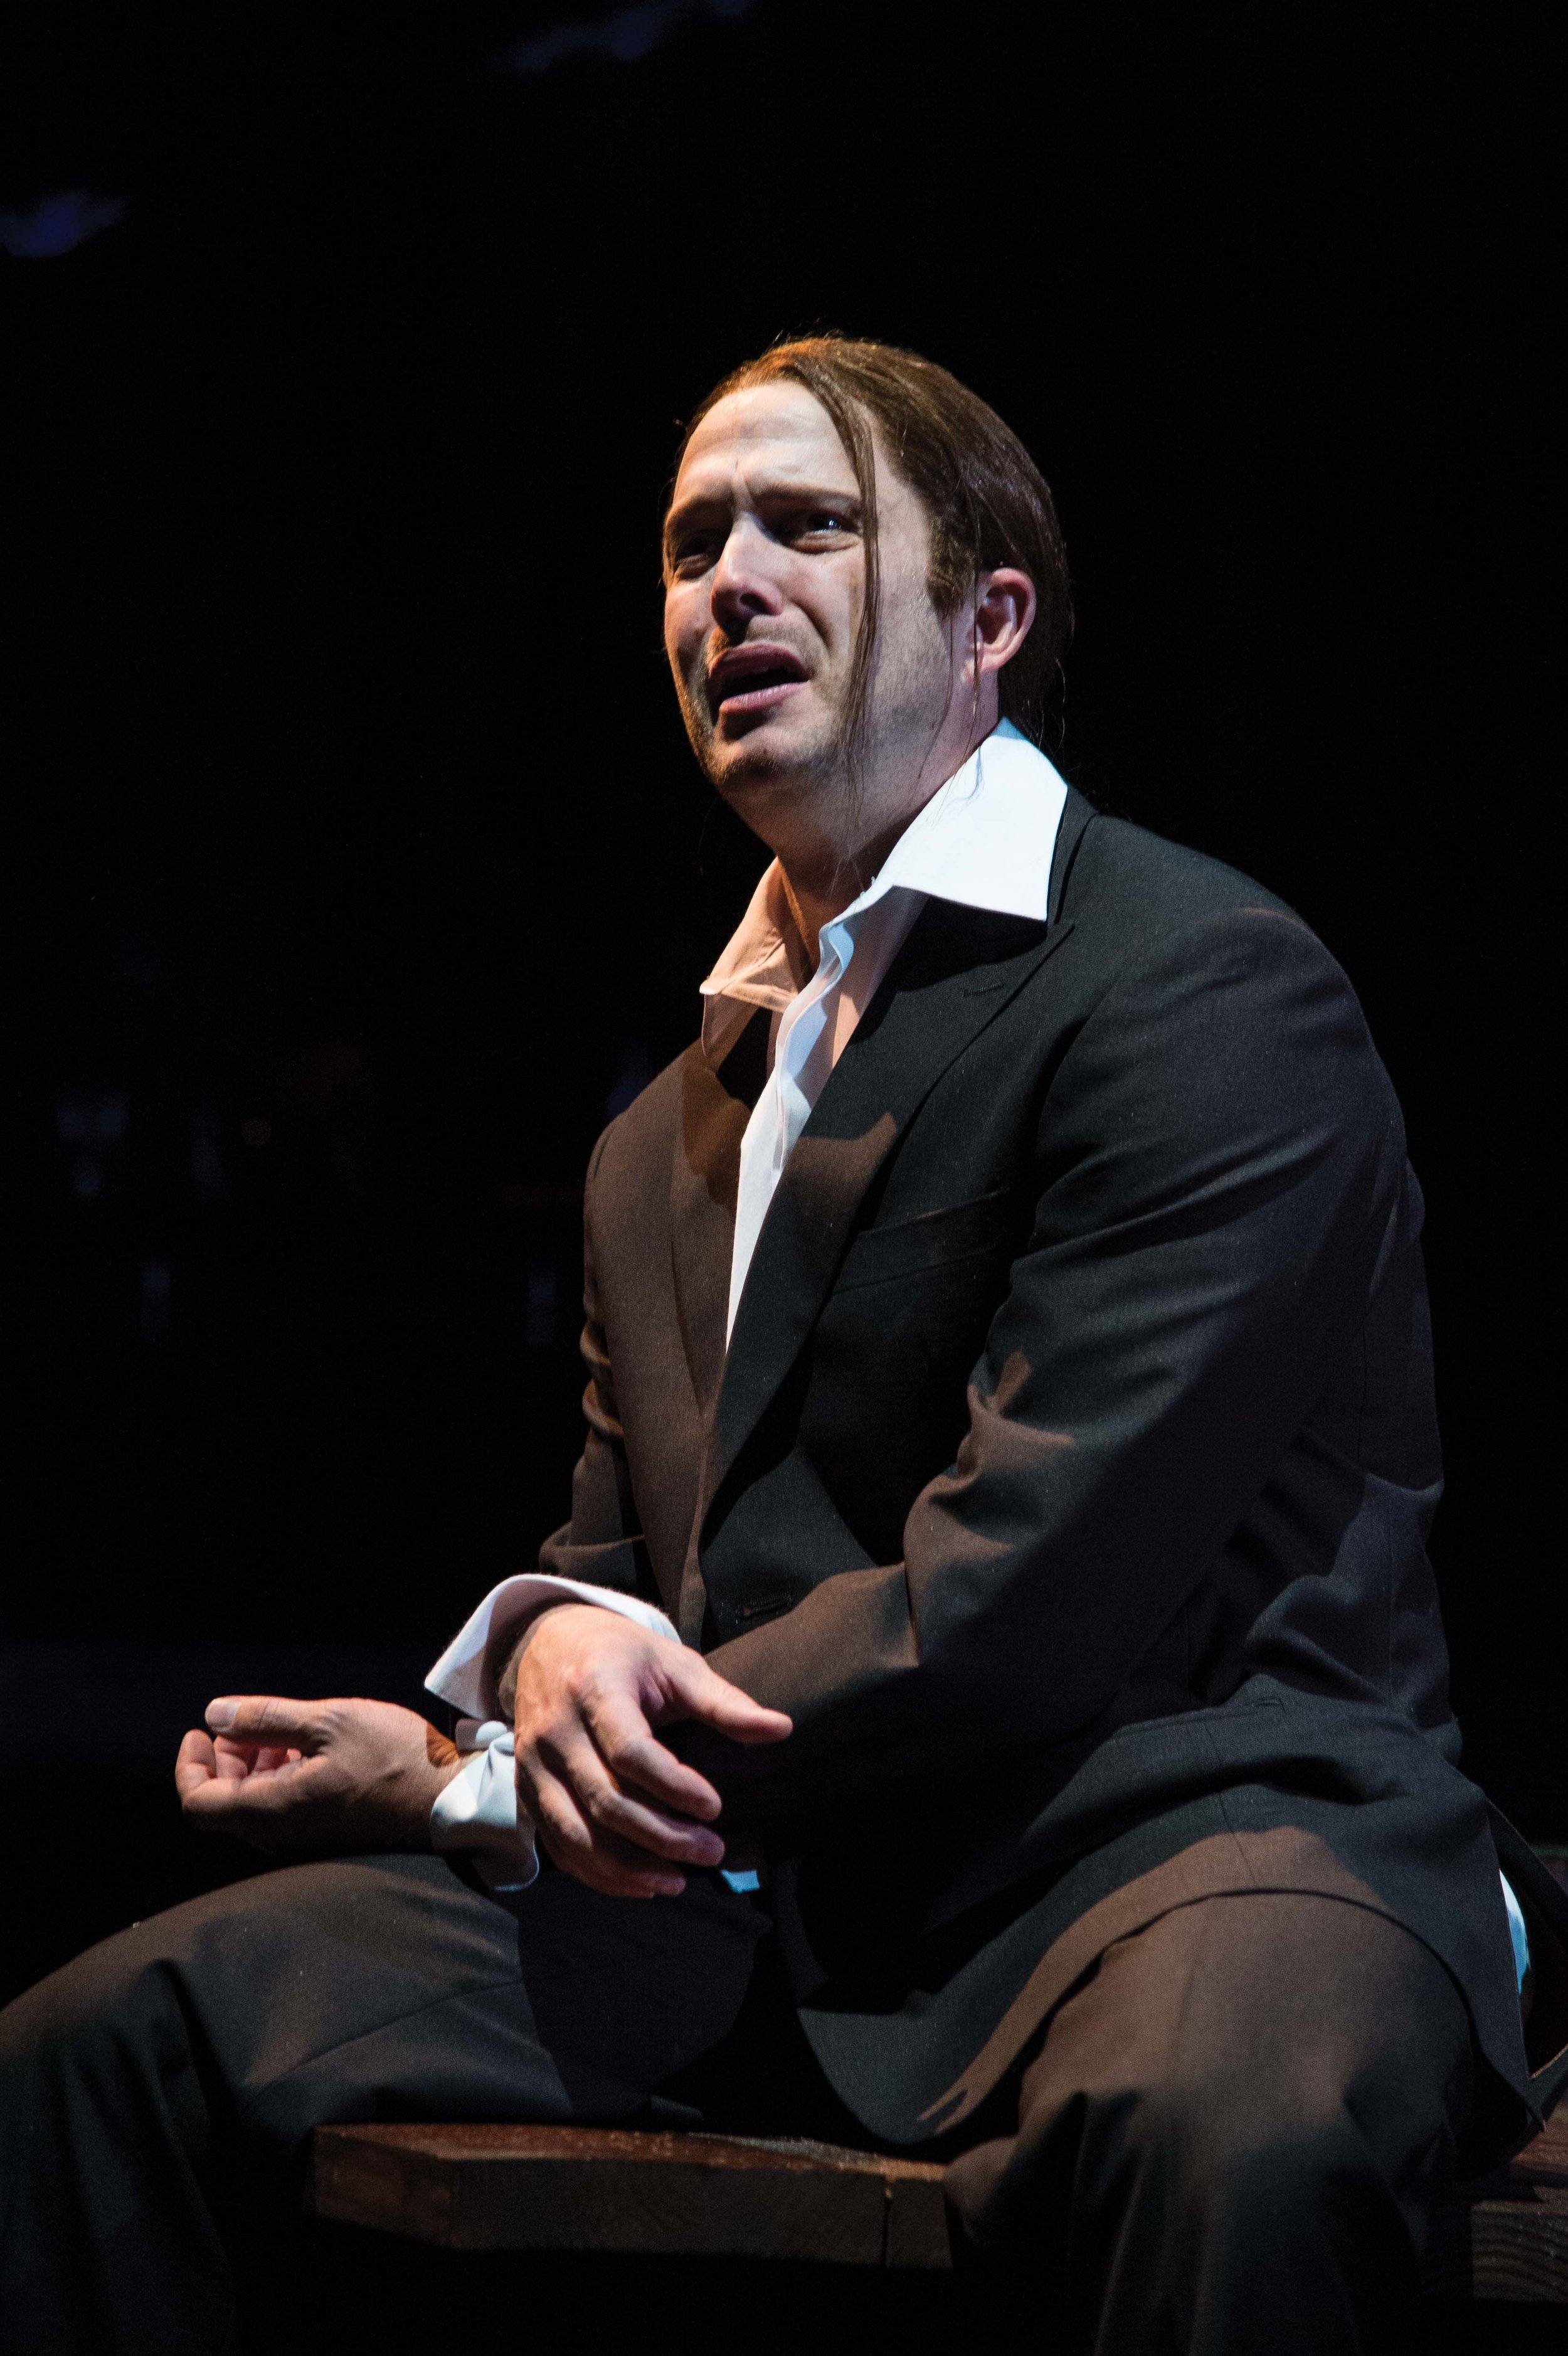 Danforth Comins as Hamlet at the Utah Shakespeare Festival in 2012.